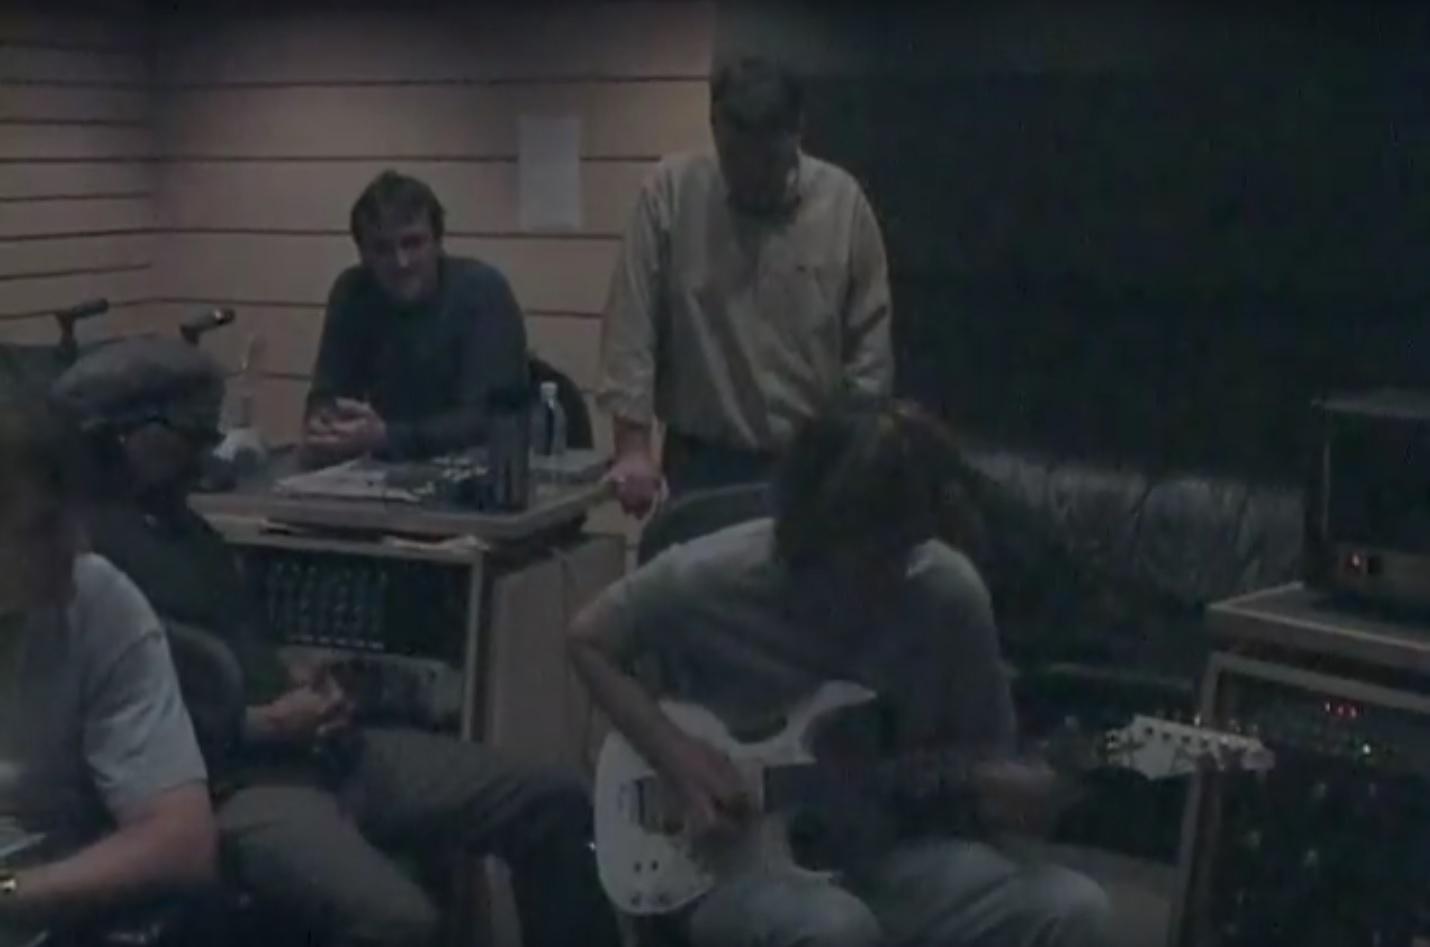 Halo composer reveals the original recording session for